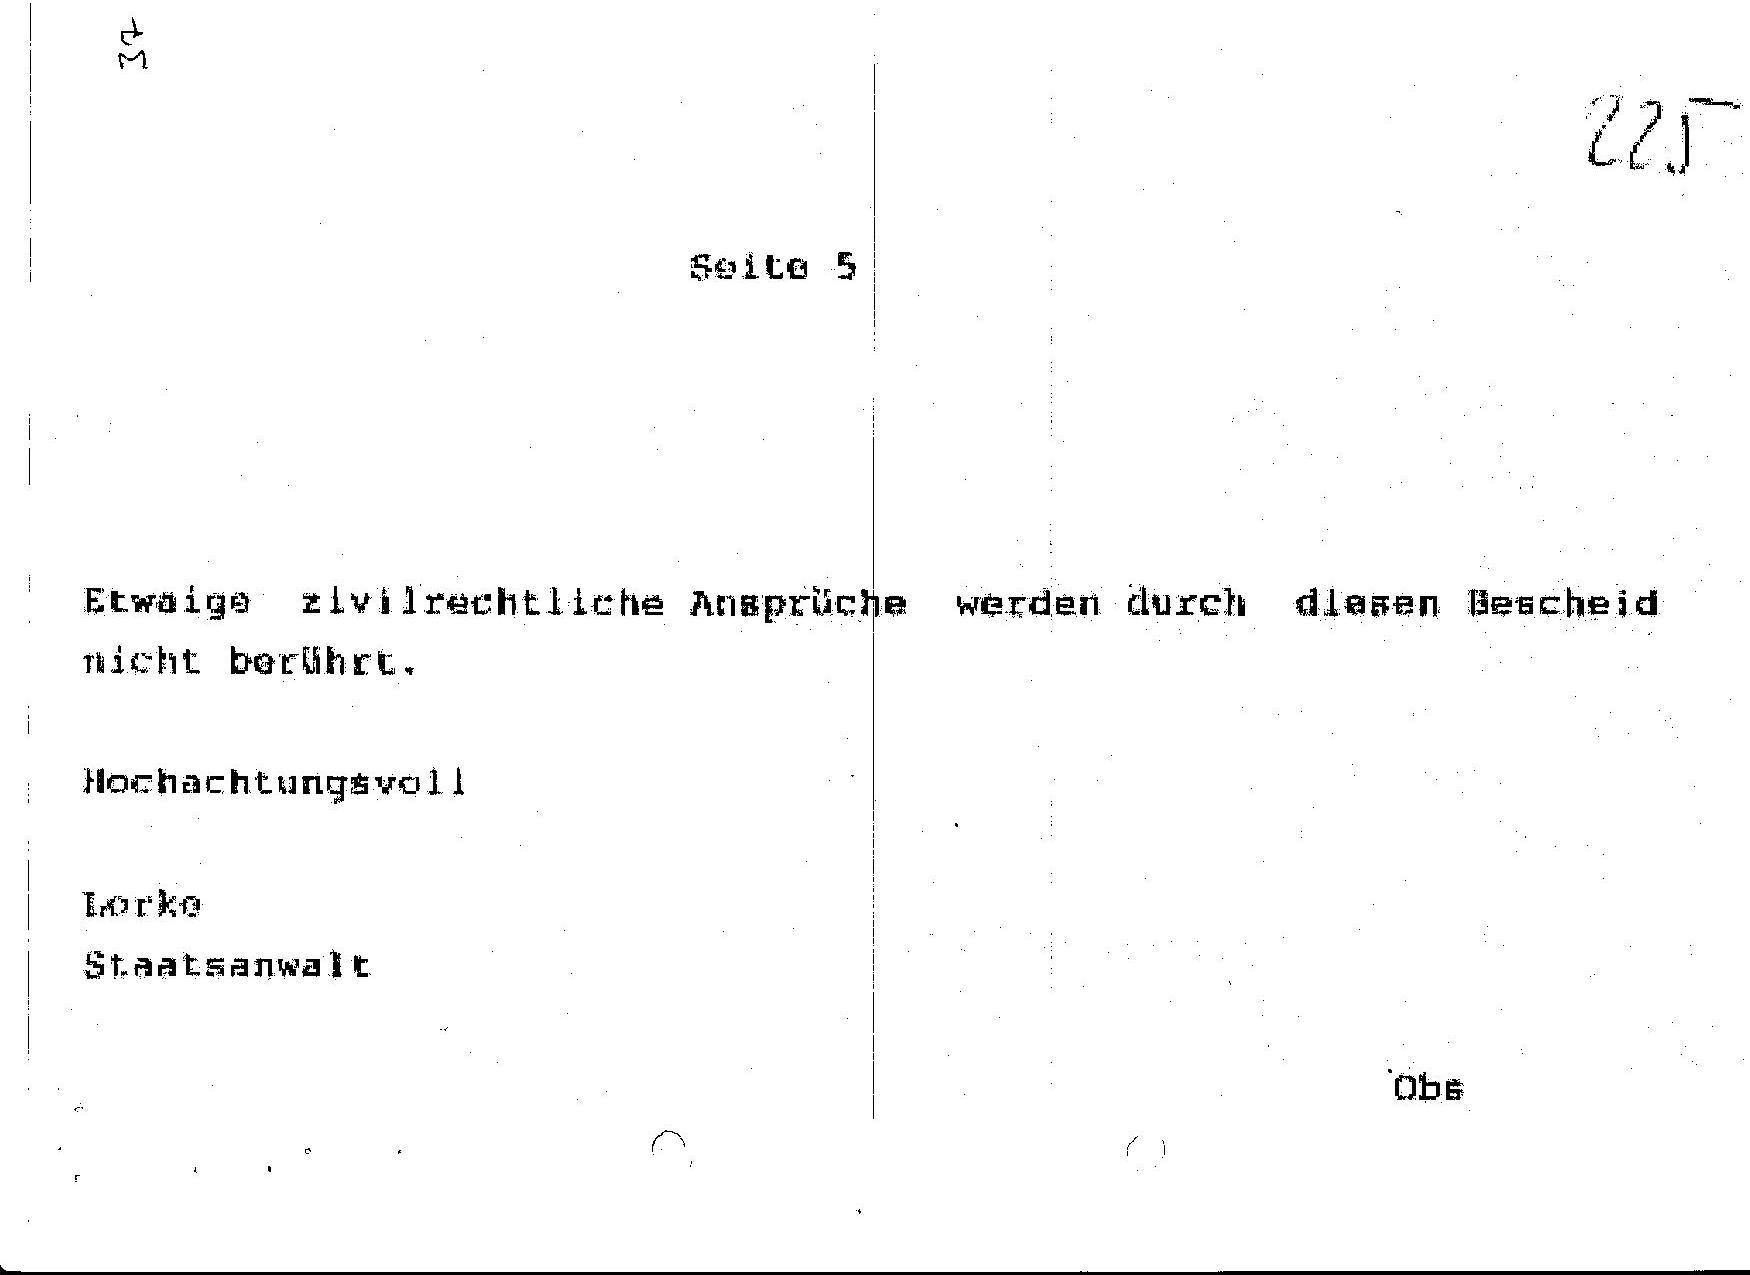 Ermittlungsverfahren auf Strafantrag wg. Folter 272 Js 2215 -11 042